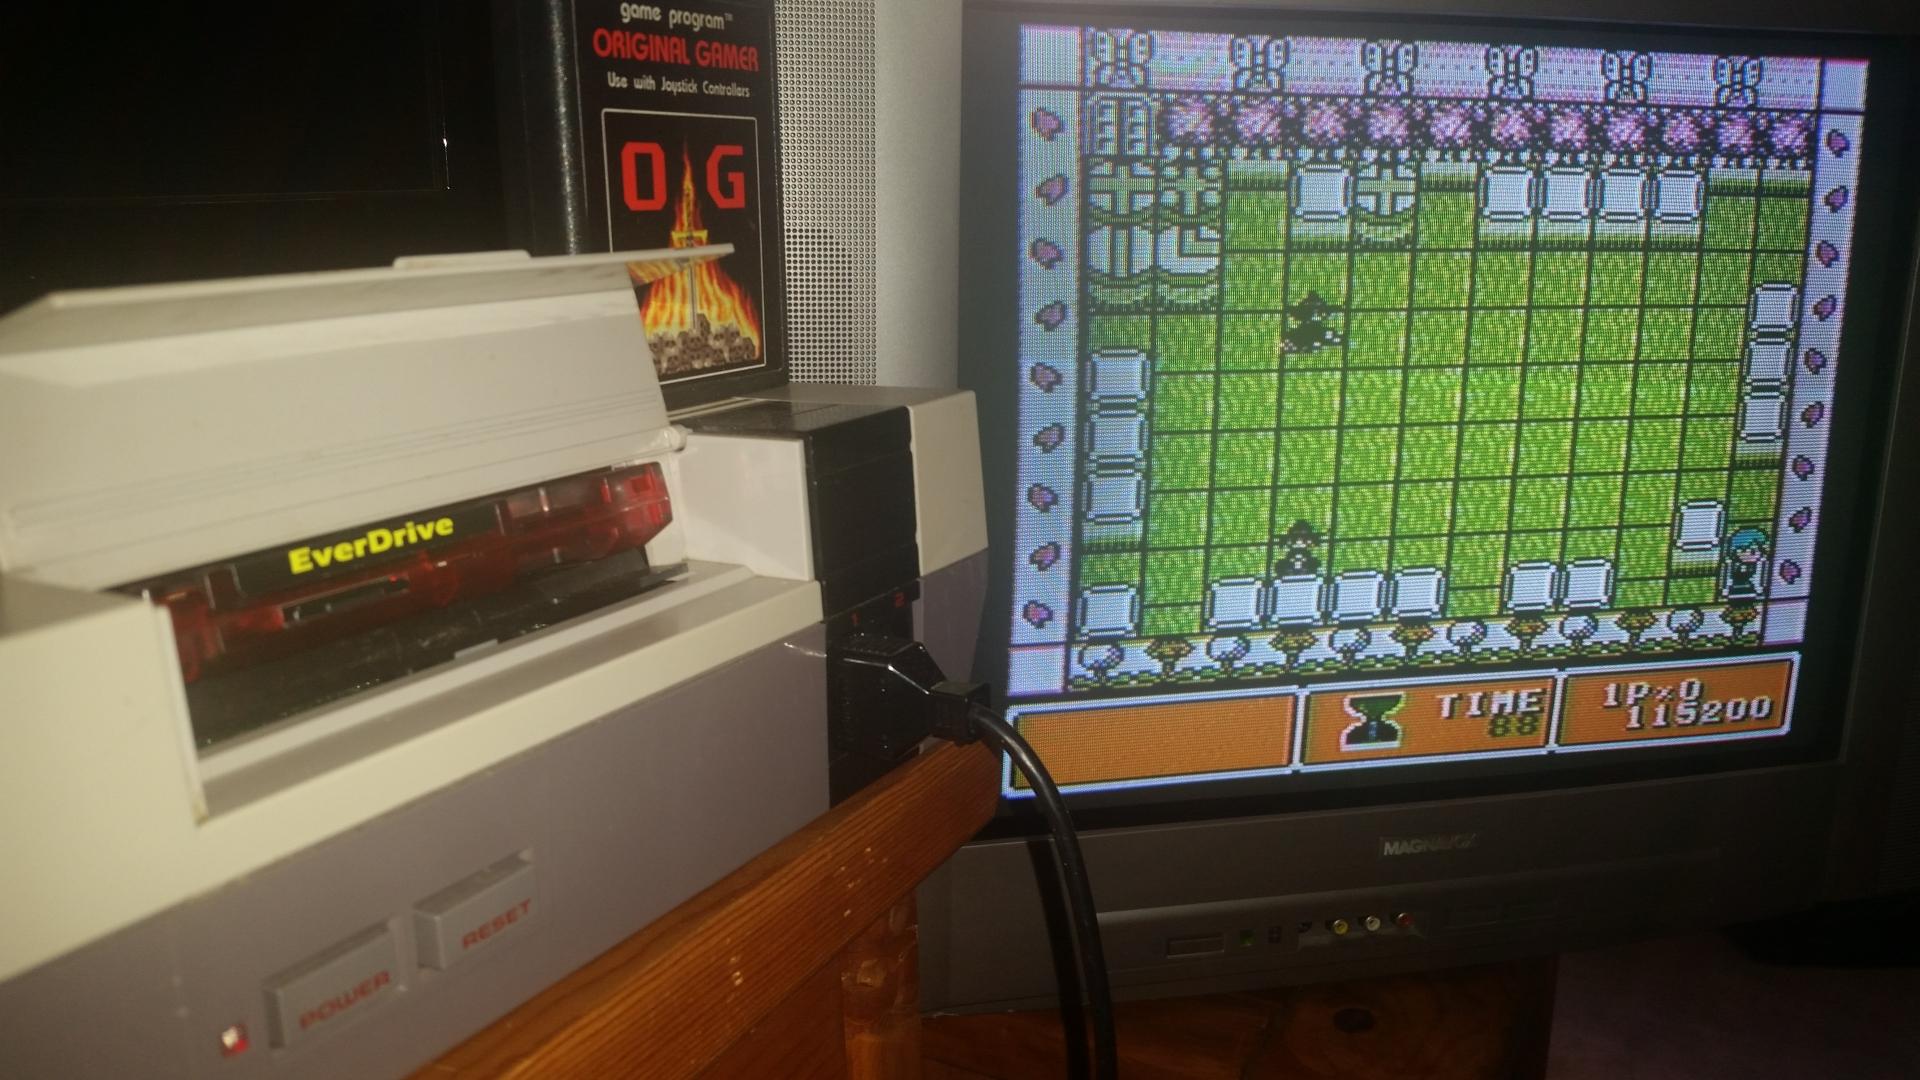 OriginalGamer: Parallel World (NES/Famicom) 115,200 points on 2016-09-05 02:28:35